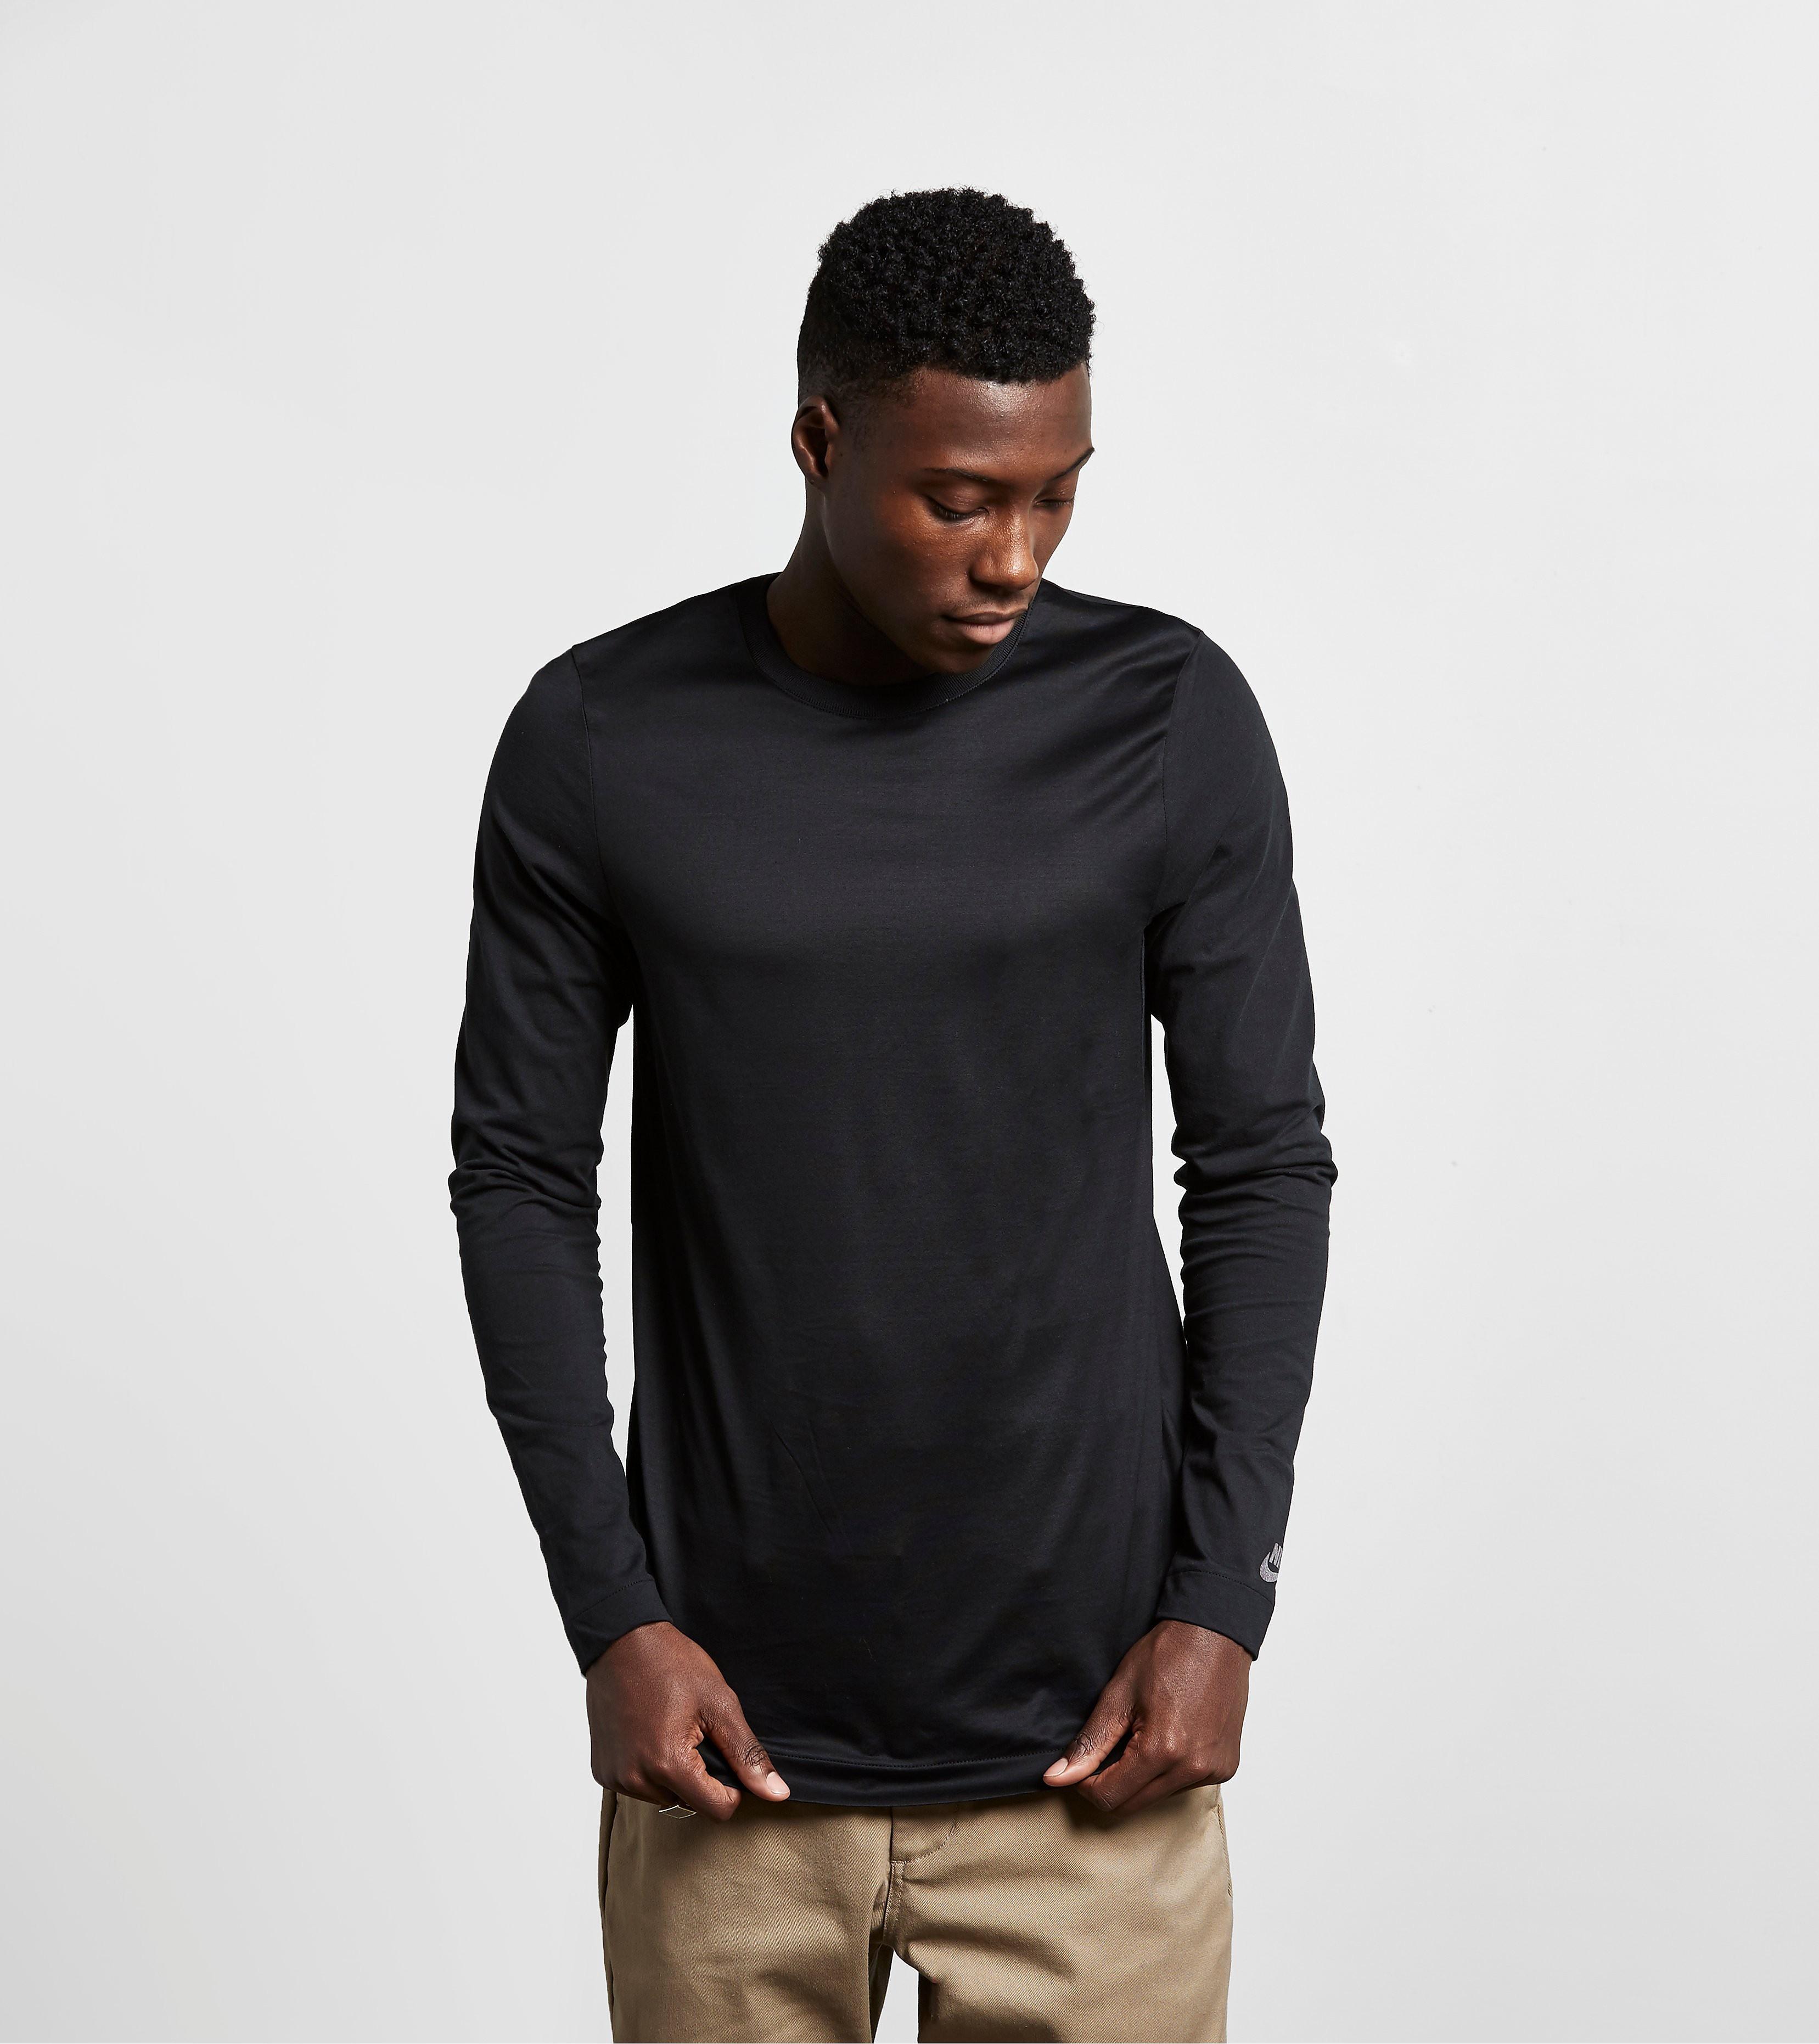 Nike Long-Sleeved Modern T-Shirt